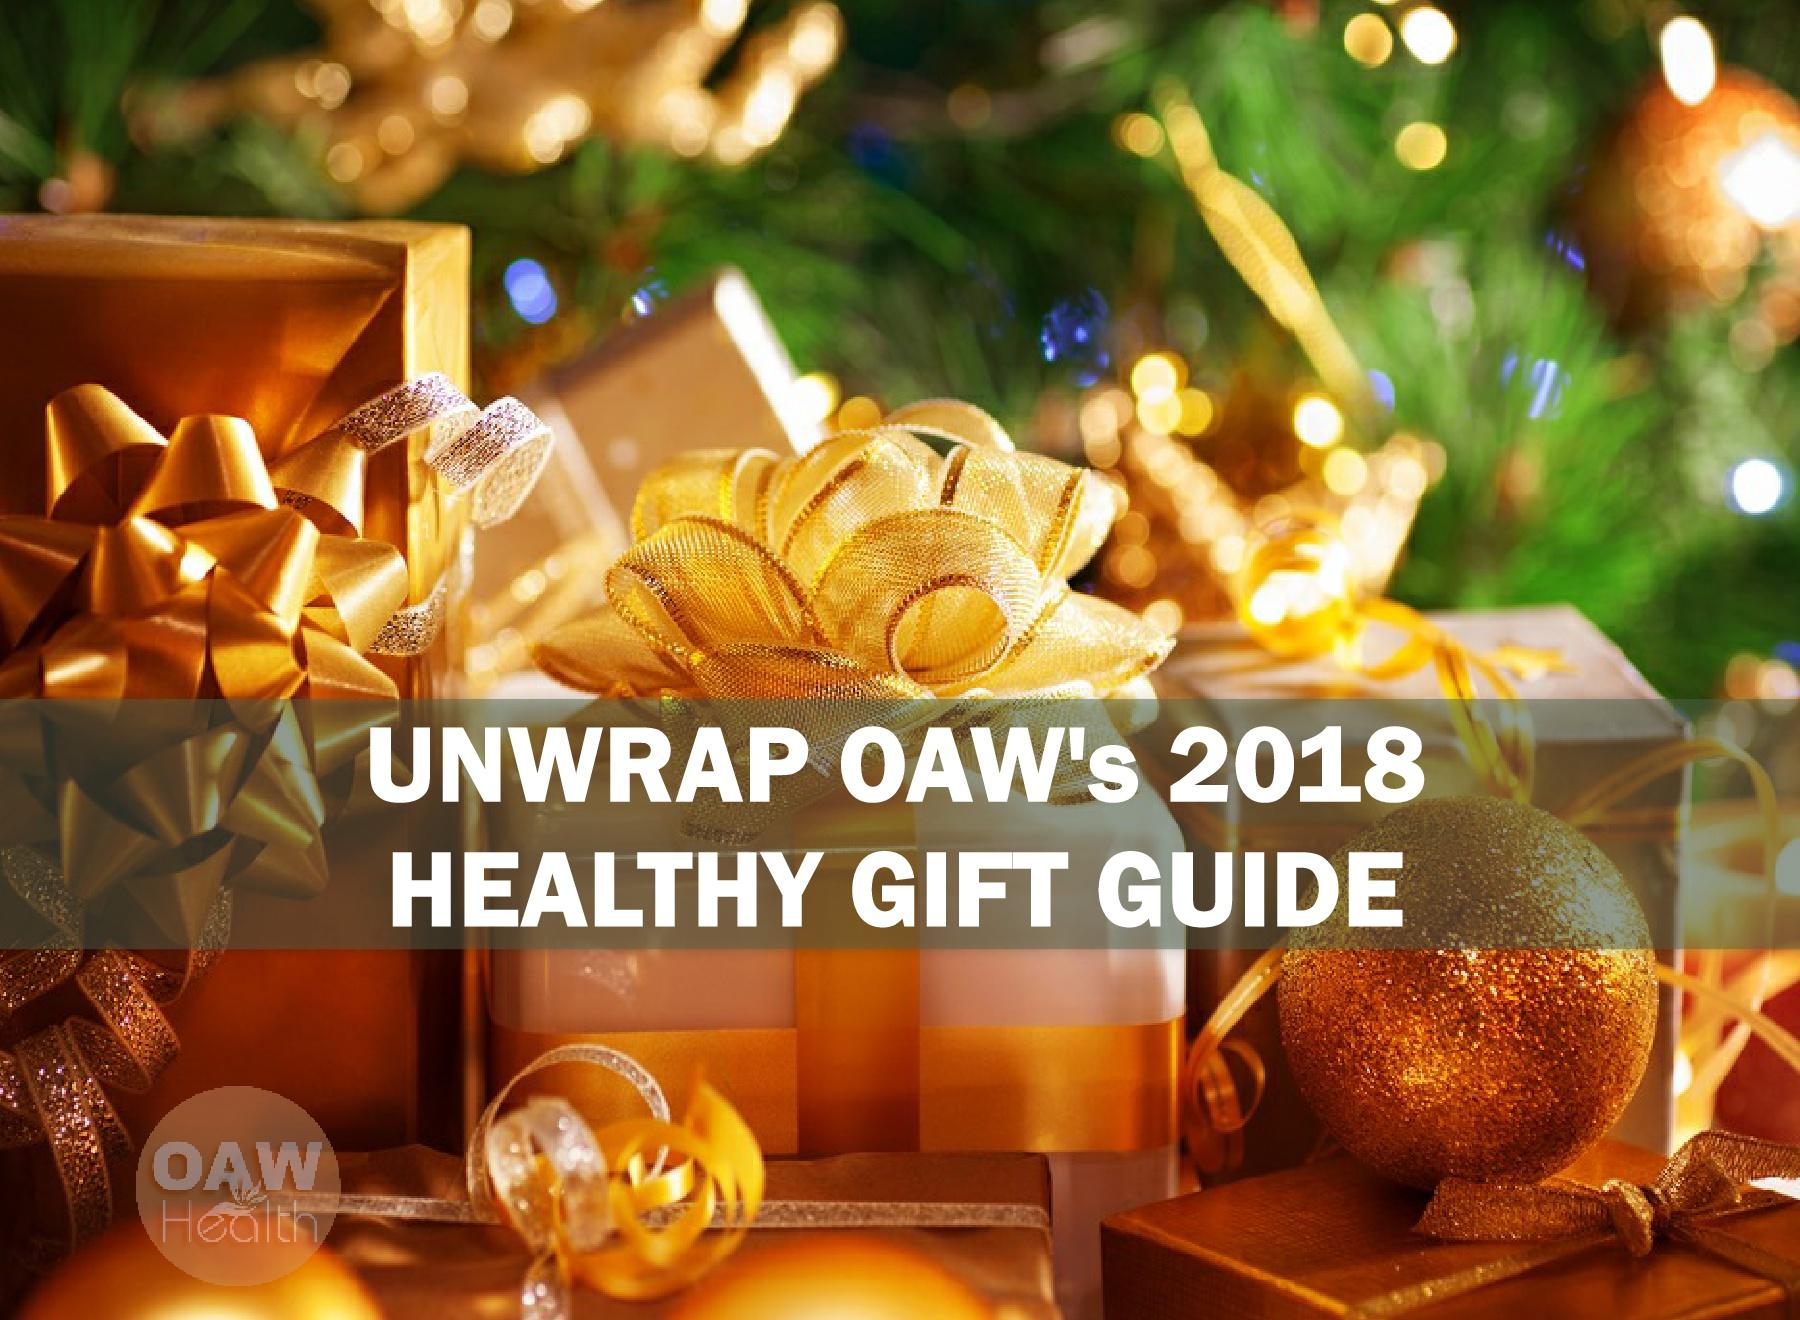 Unwrap OAW's 2018 Healthy Gift Guide